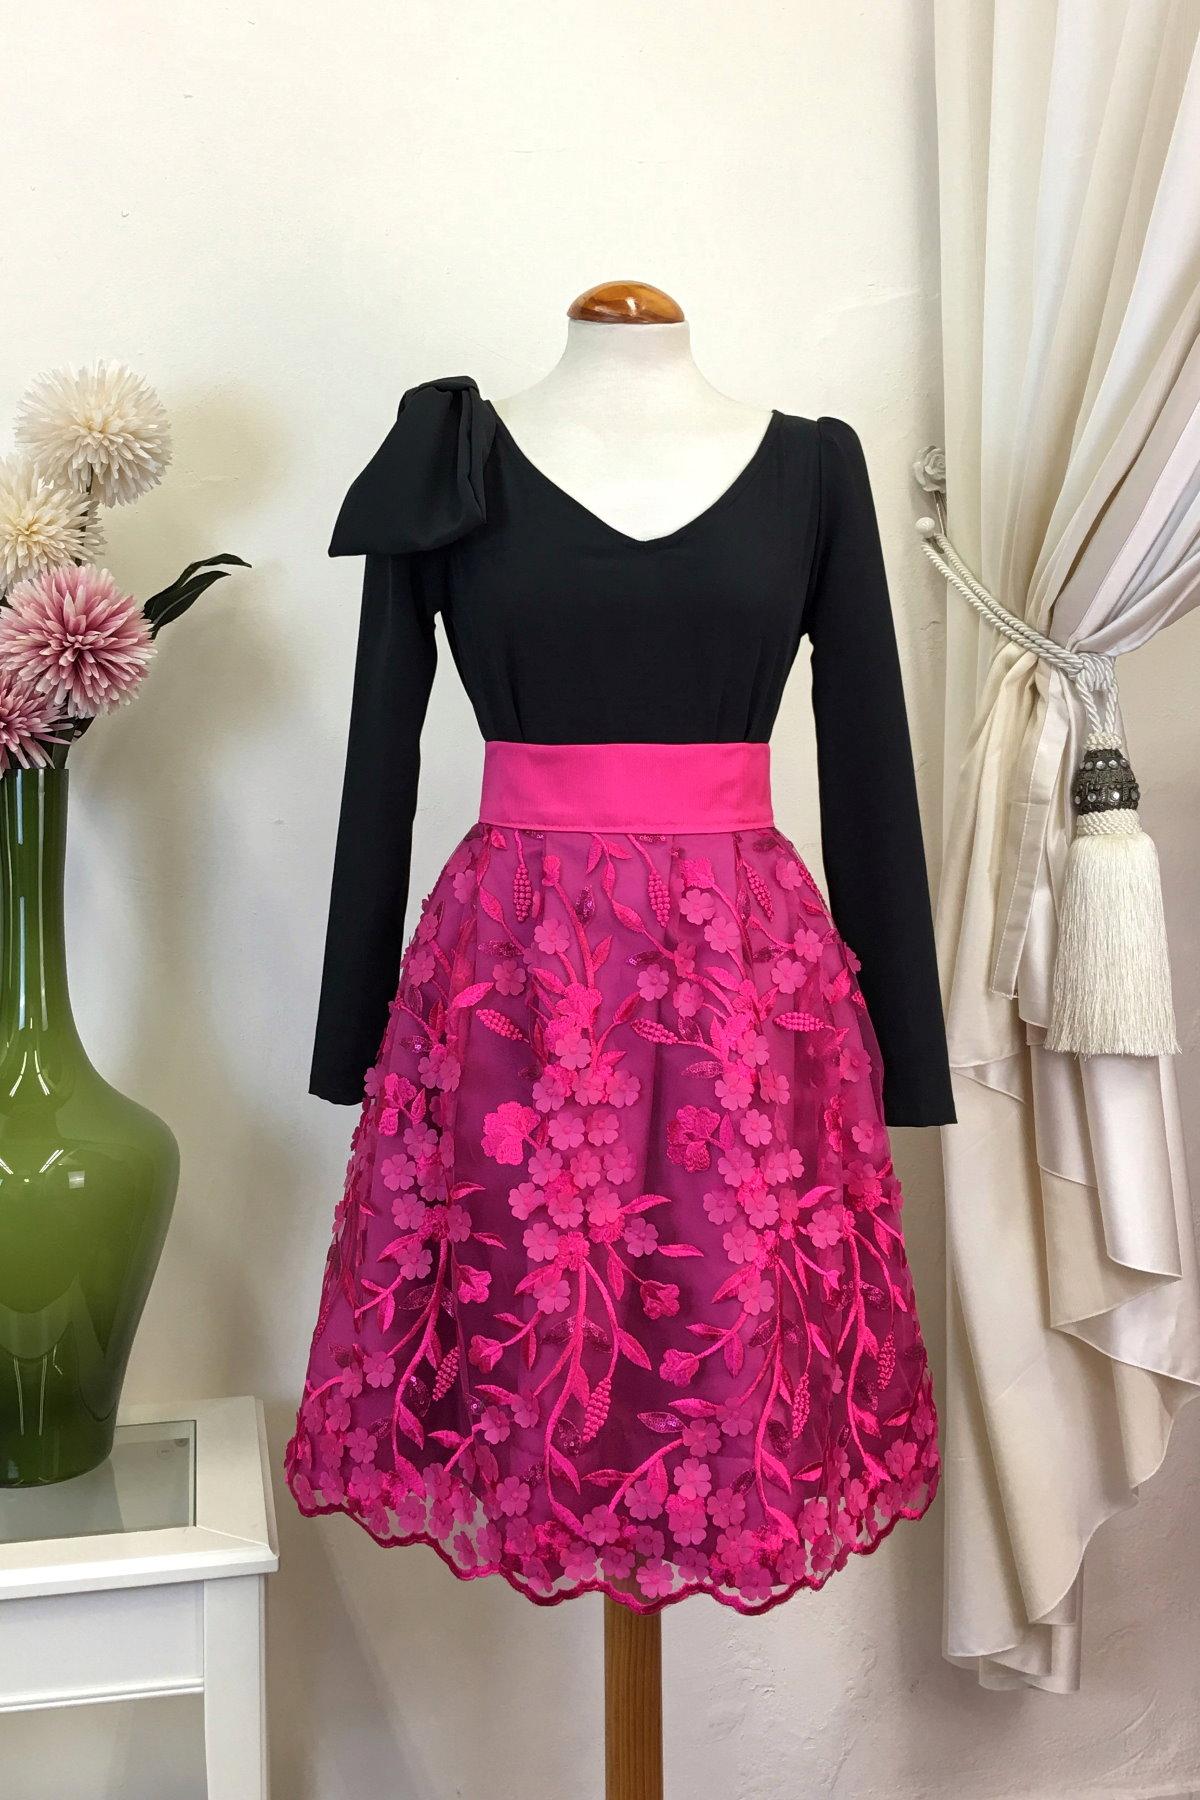 Falda de ceremonia o fiesta color morado